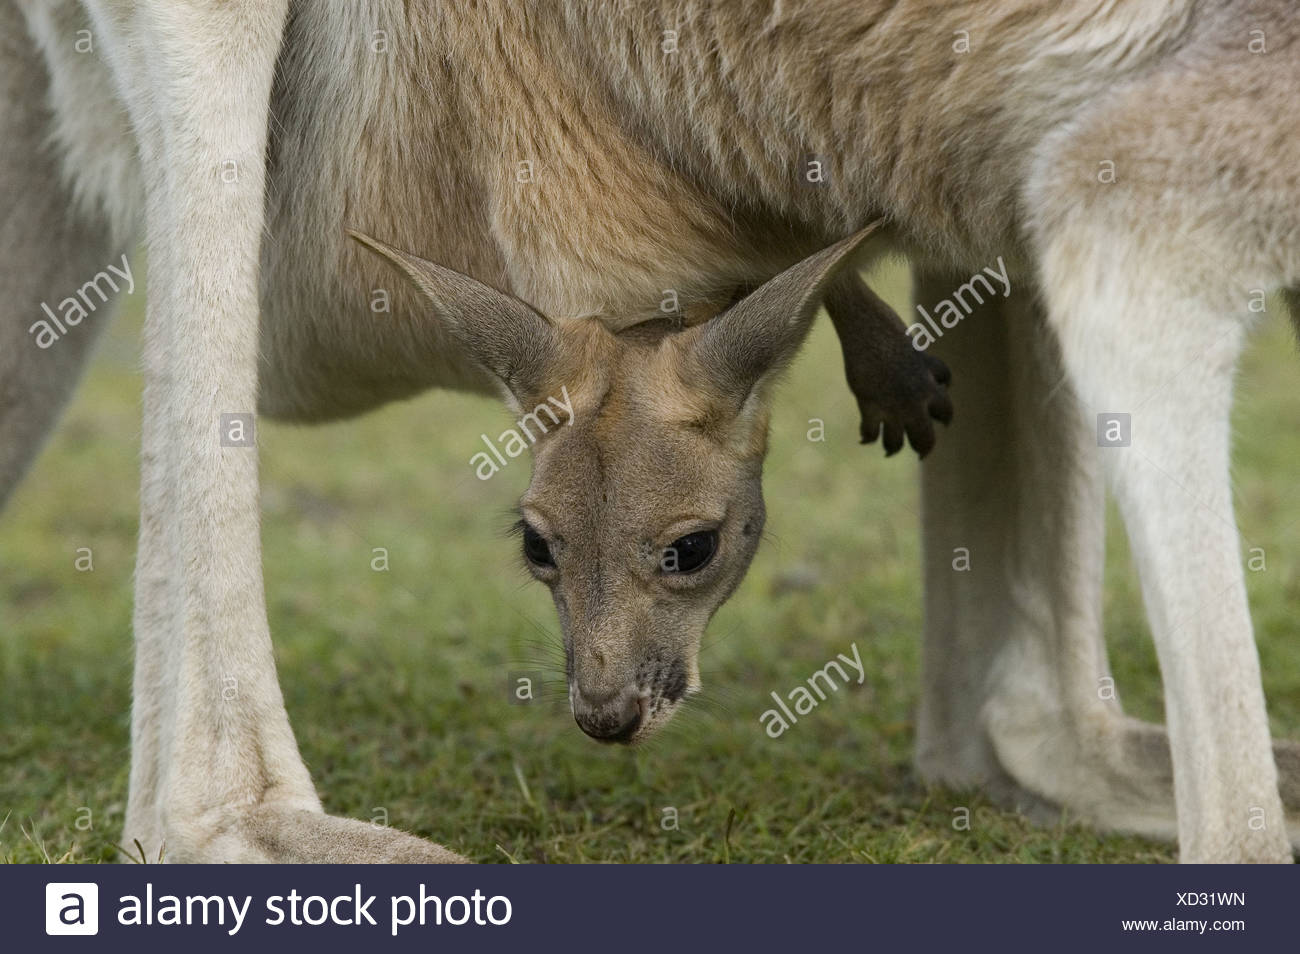 Ausgezeichnet Kanguru Malvorlagen Fotos - Druckbare Malvorlagen ...